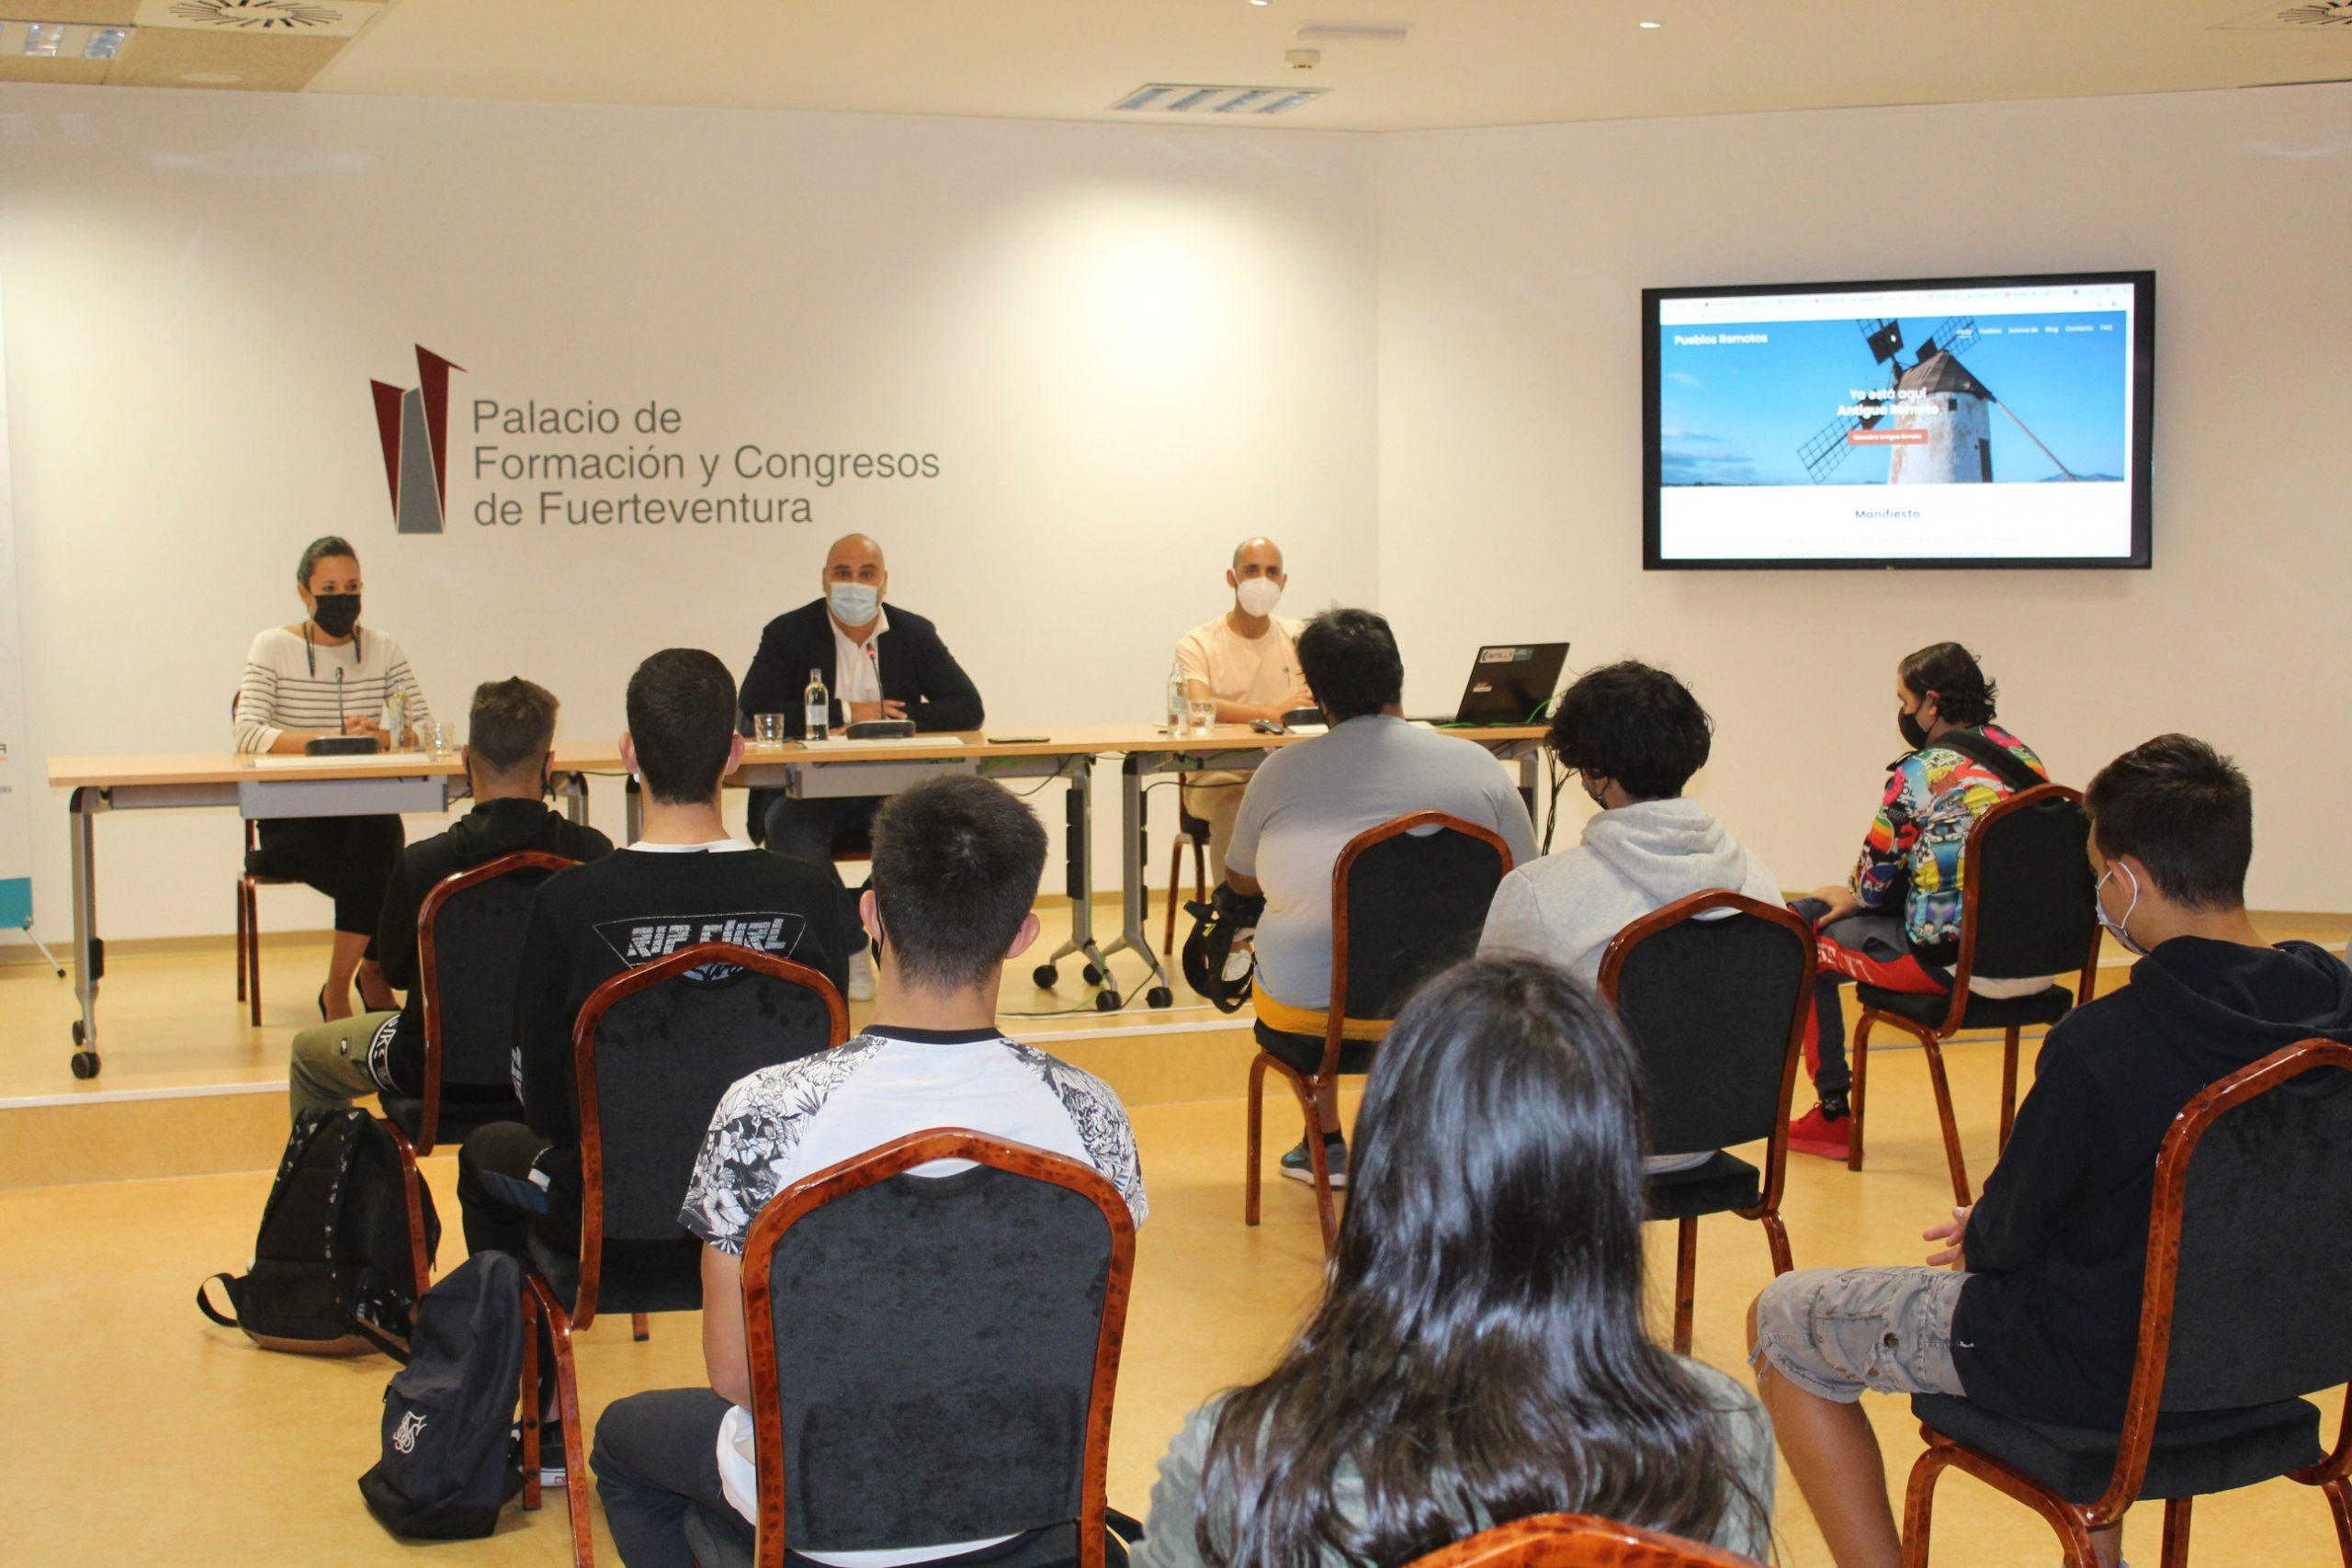 El Cabildo de Fuerteventura apuesta por el sector en auge de los nómadas digitales para diversificar la economía